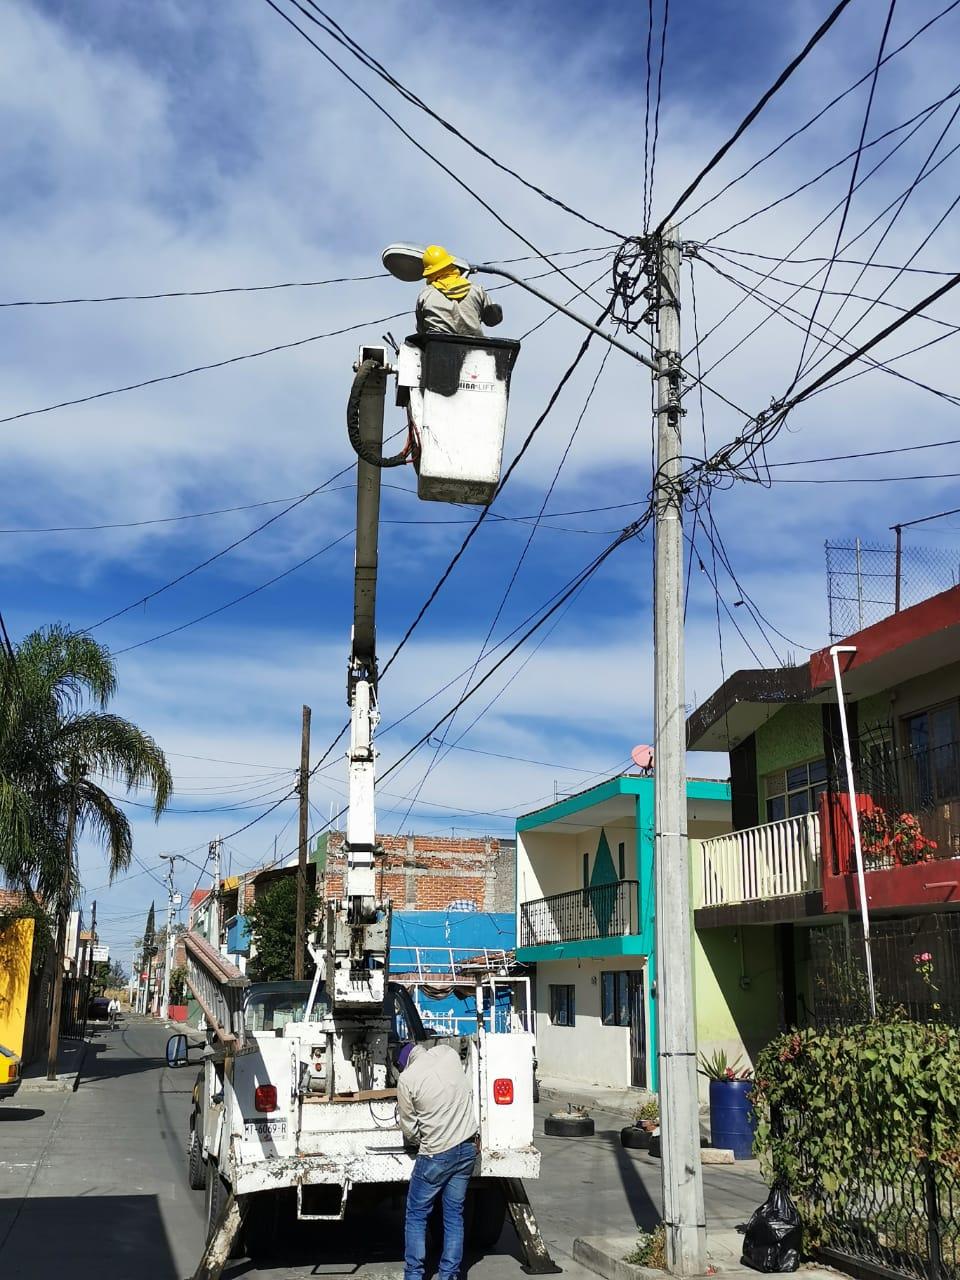 Avanza proyecto de iluminación en Zamora